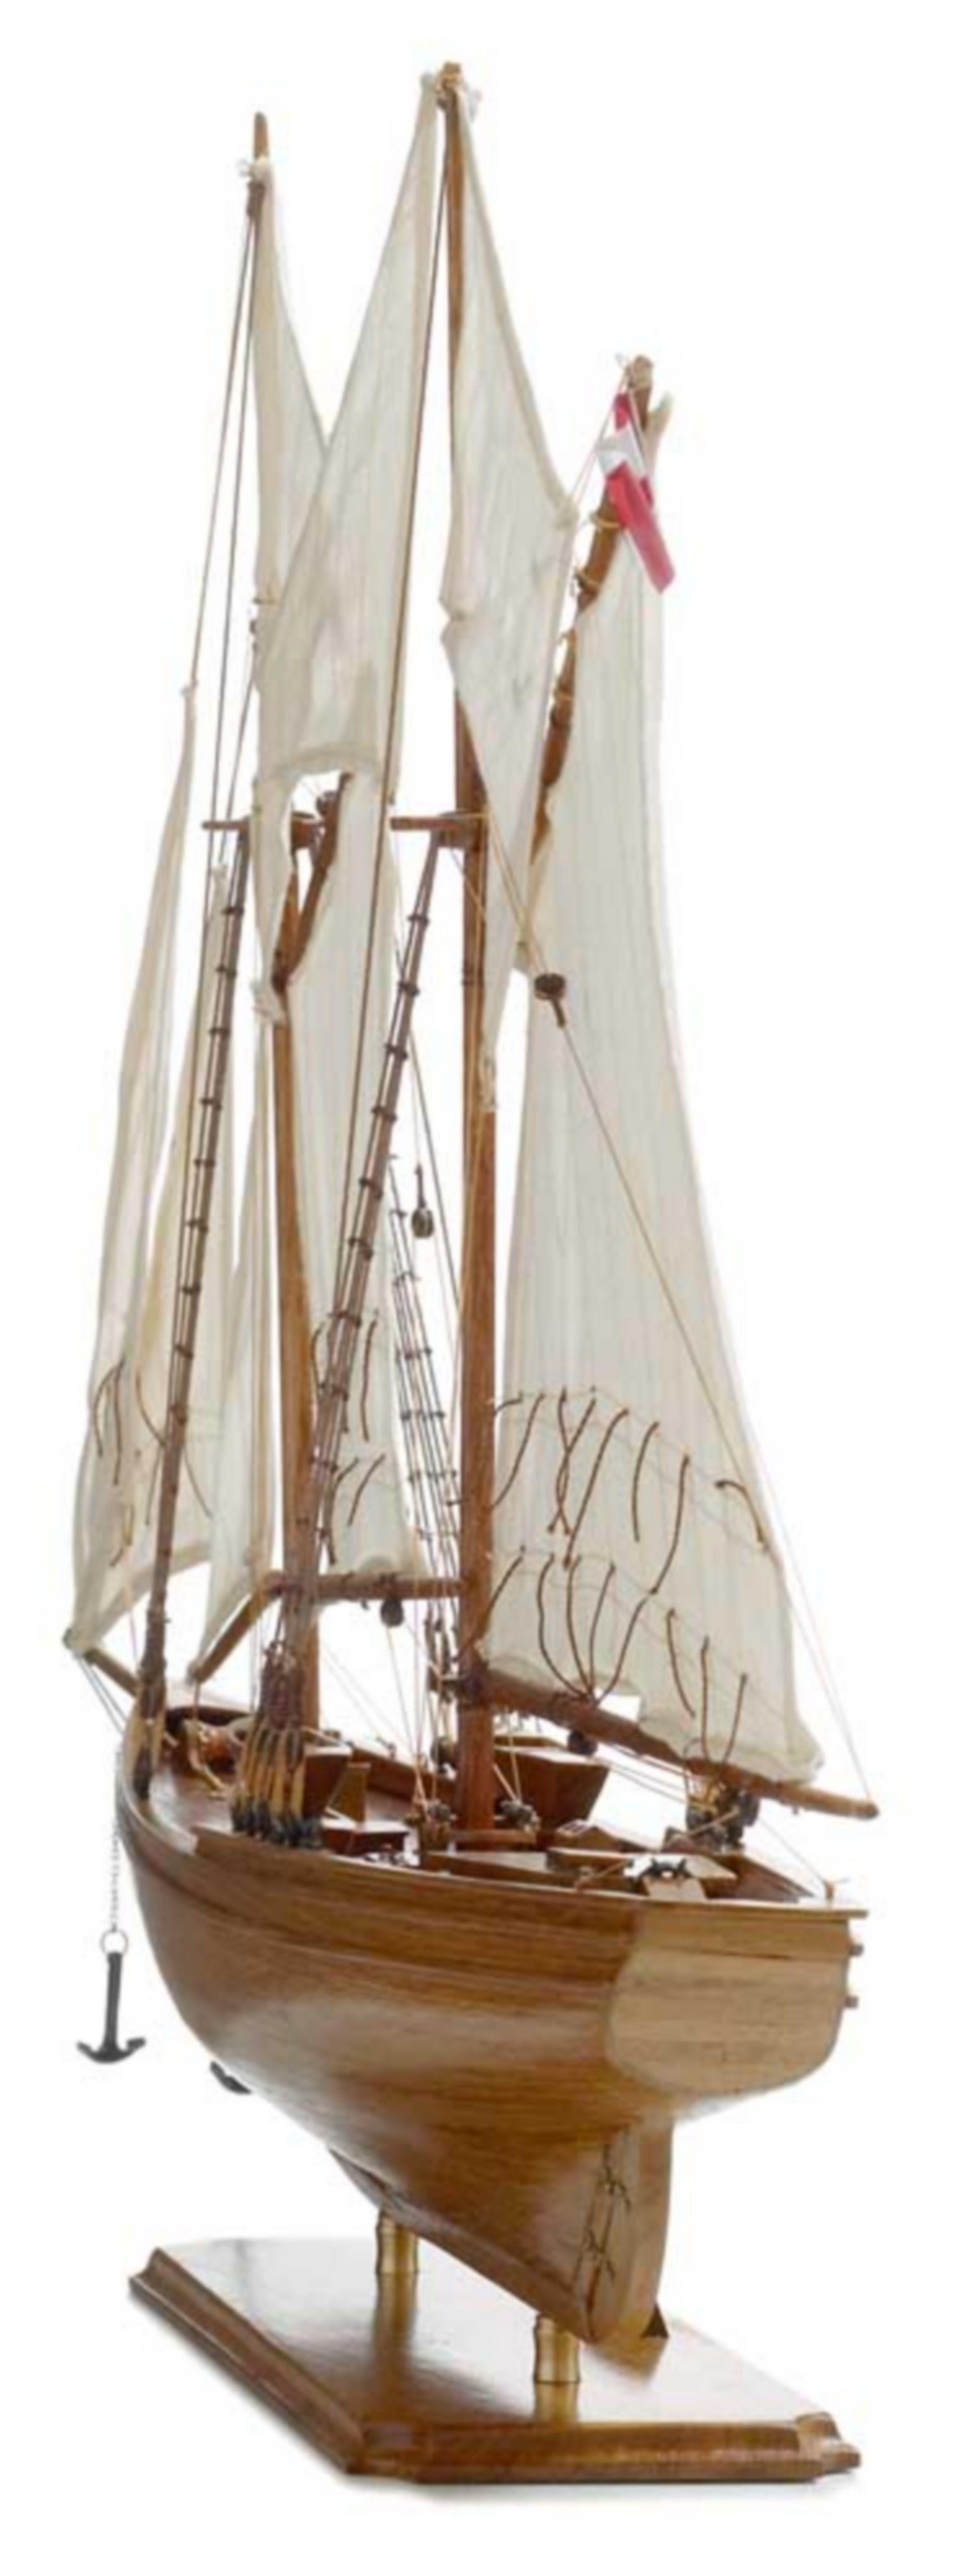 116-8124-Blue-Nose-I-Model-Yacht-Superior-Range